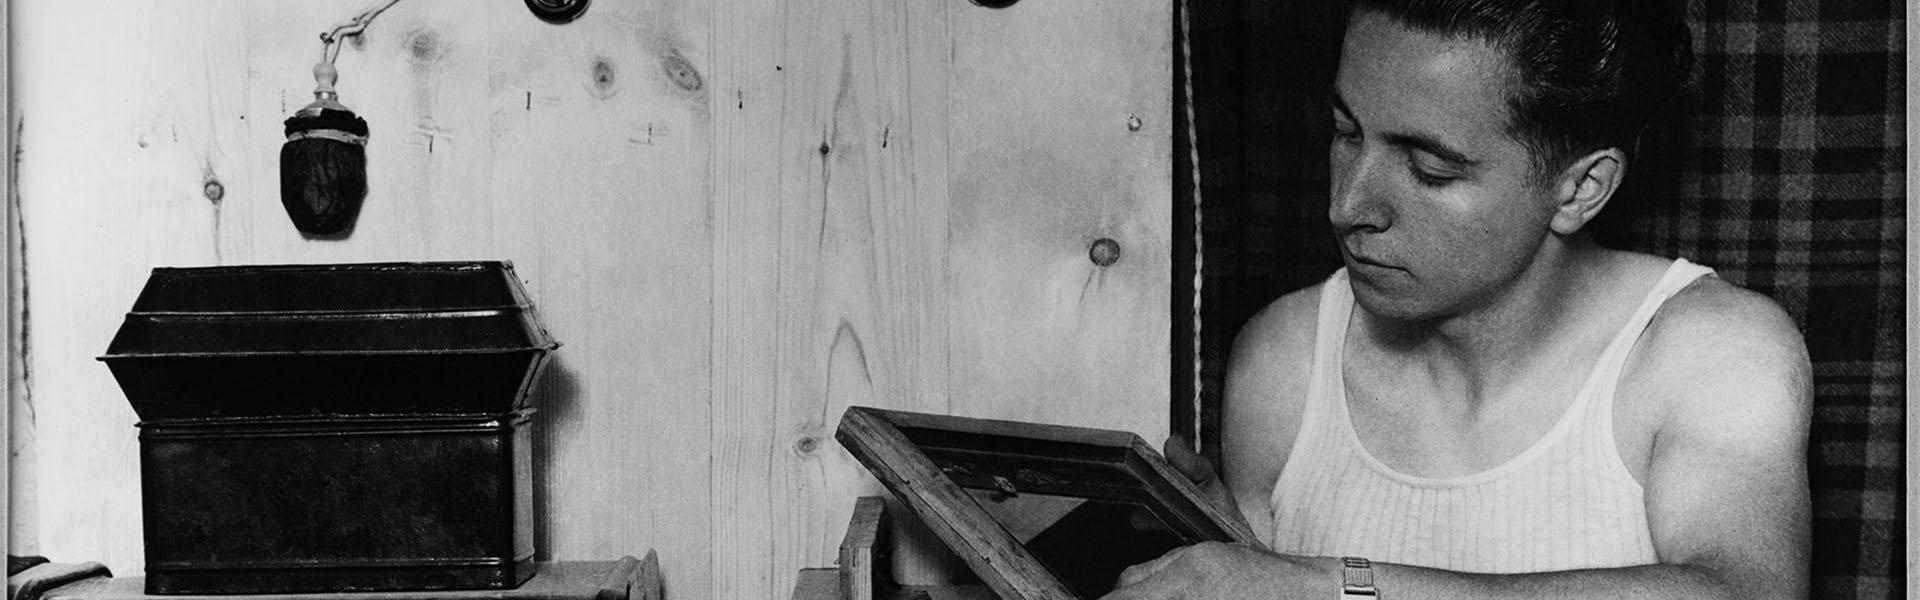 L'Espaitemps Calafell 1917-1986. Mig segle de fotografia